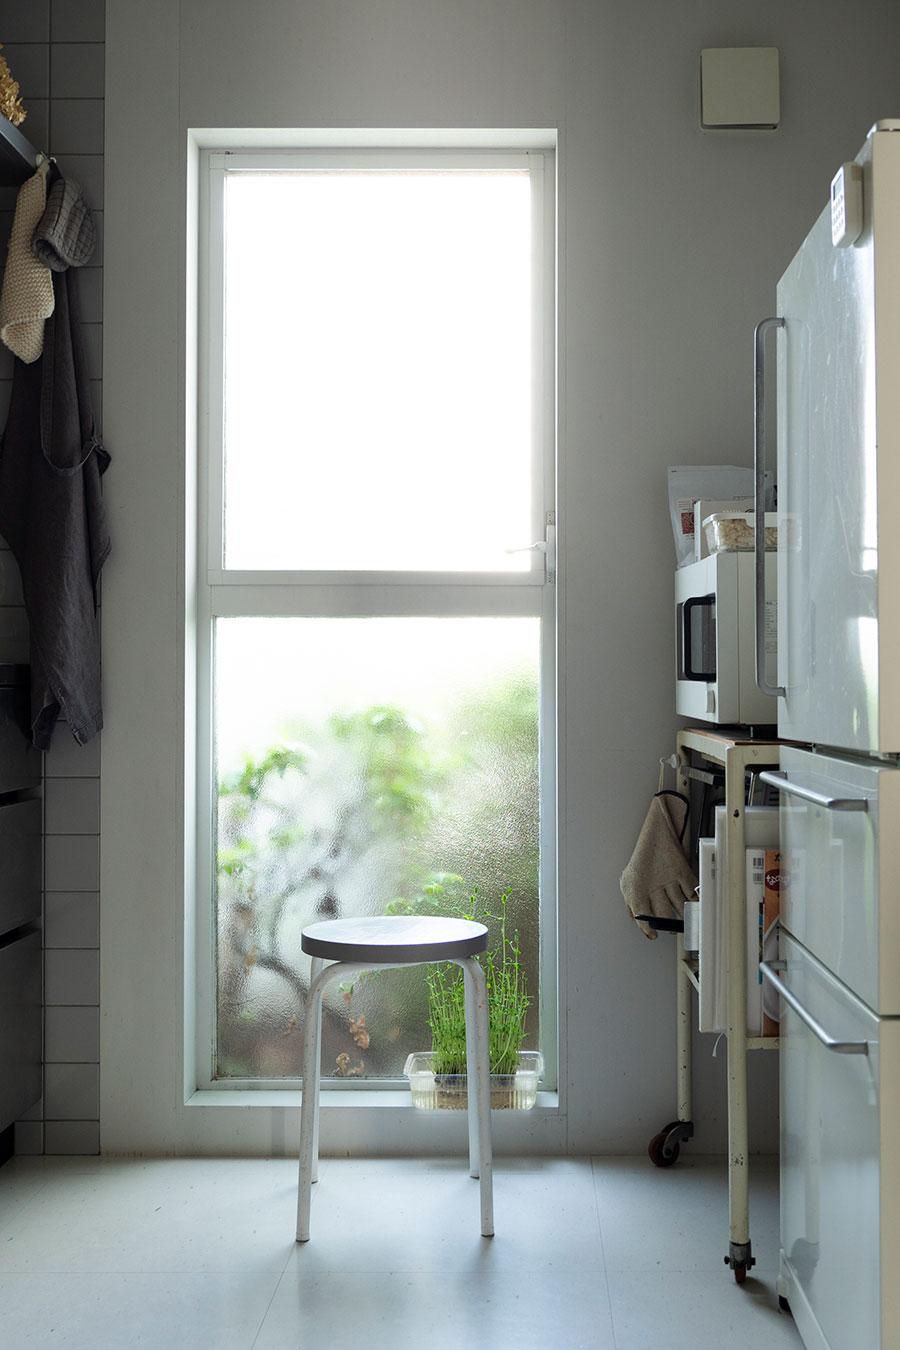 キッチンにも開口があり、外から穏やかな光が差し込む。